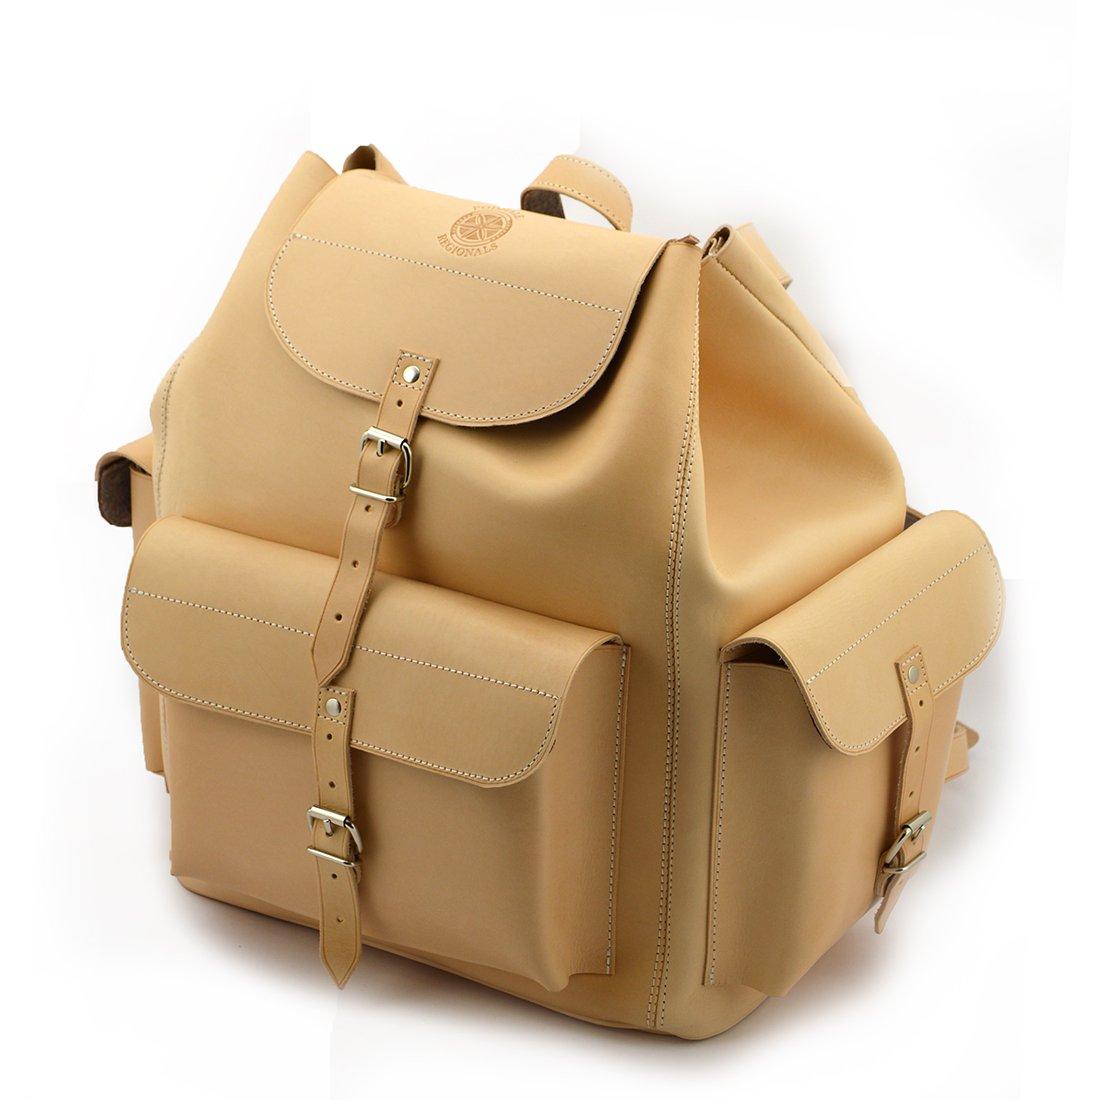 eec46e4307a30 Klasyczny plecak Podhale Regionals b905 natural - Kup teraz Online ...